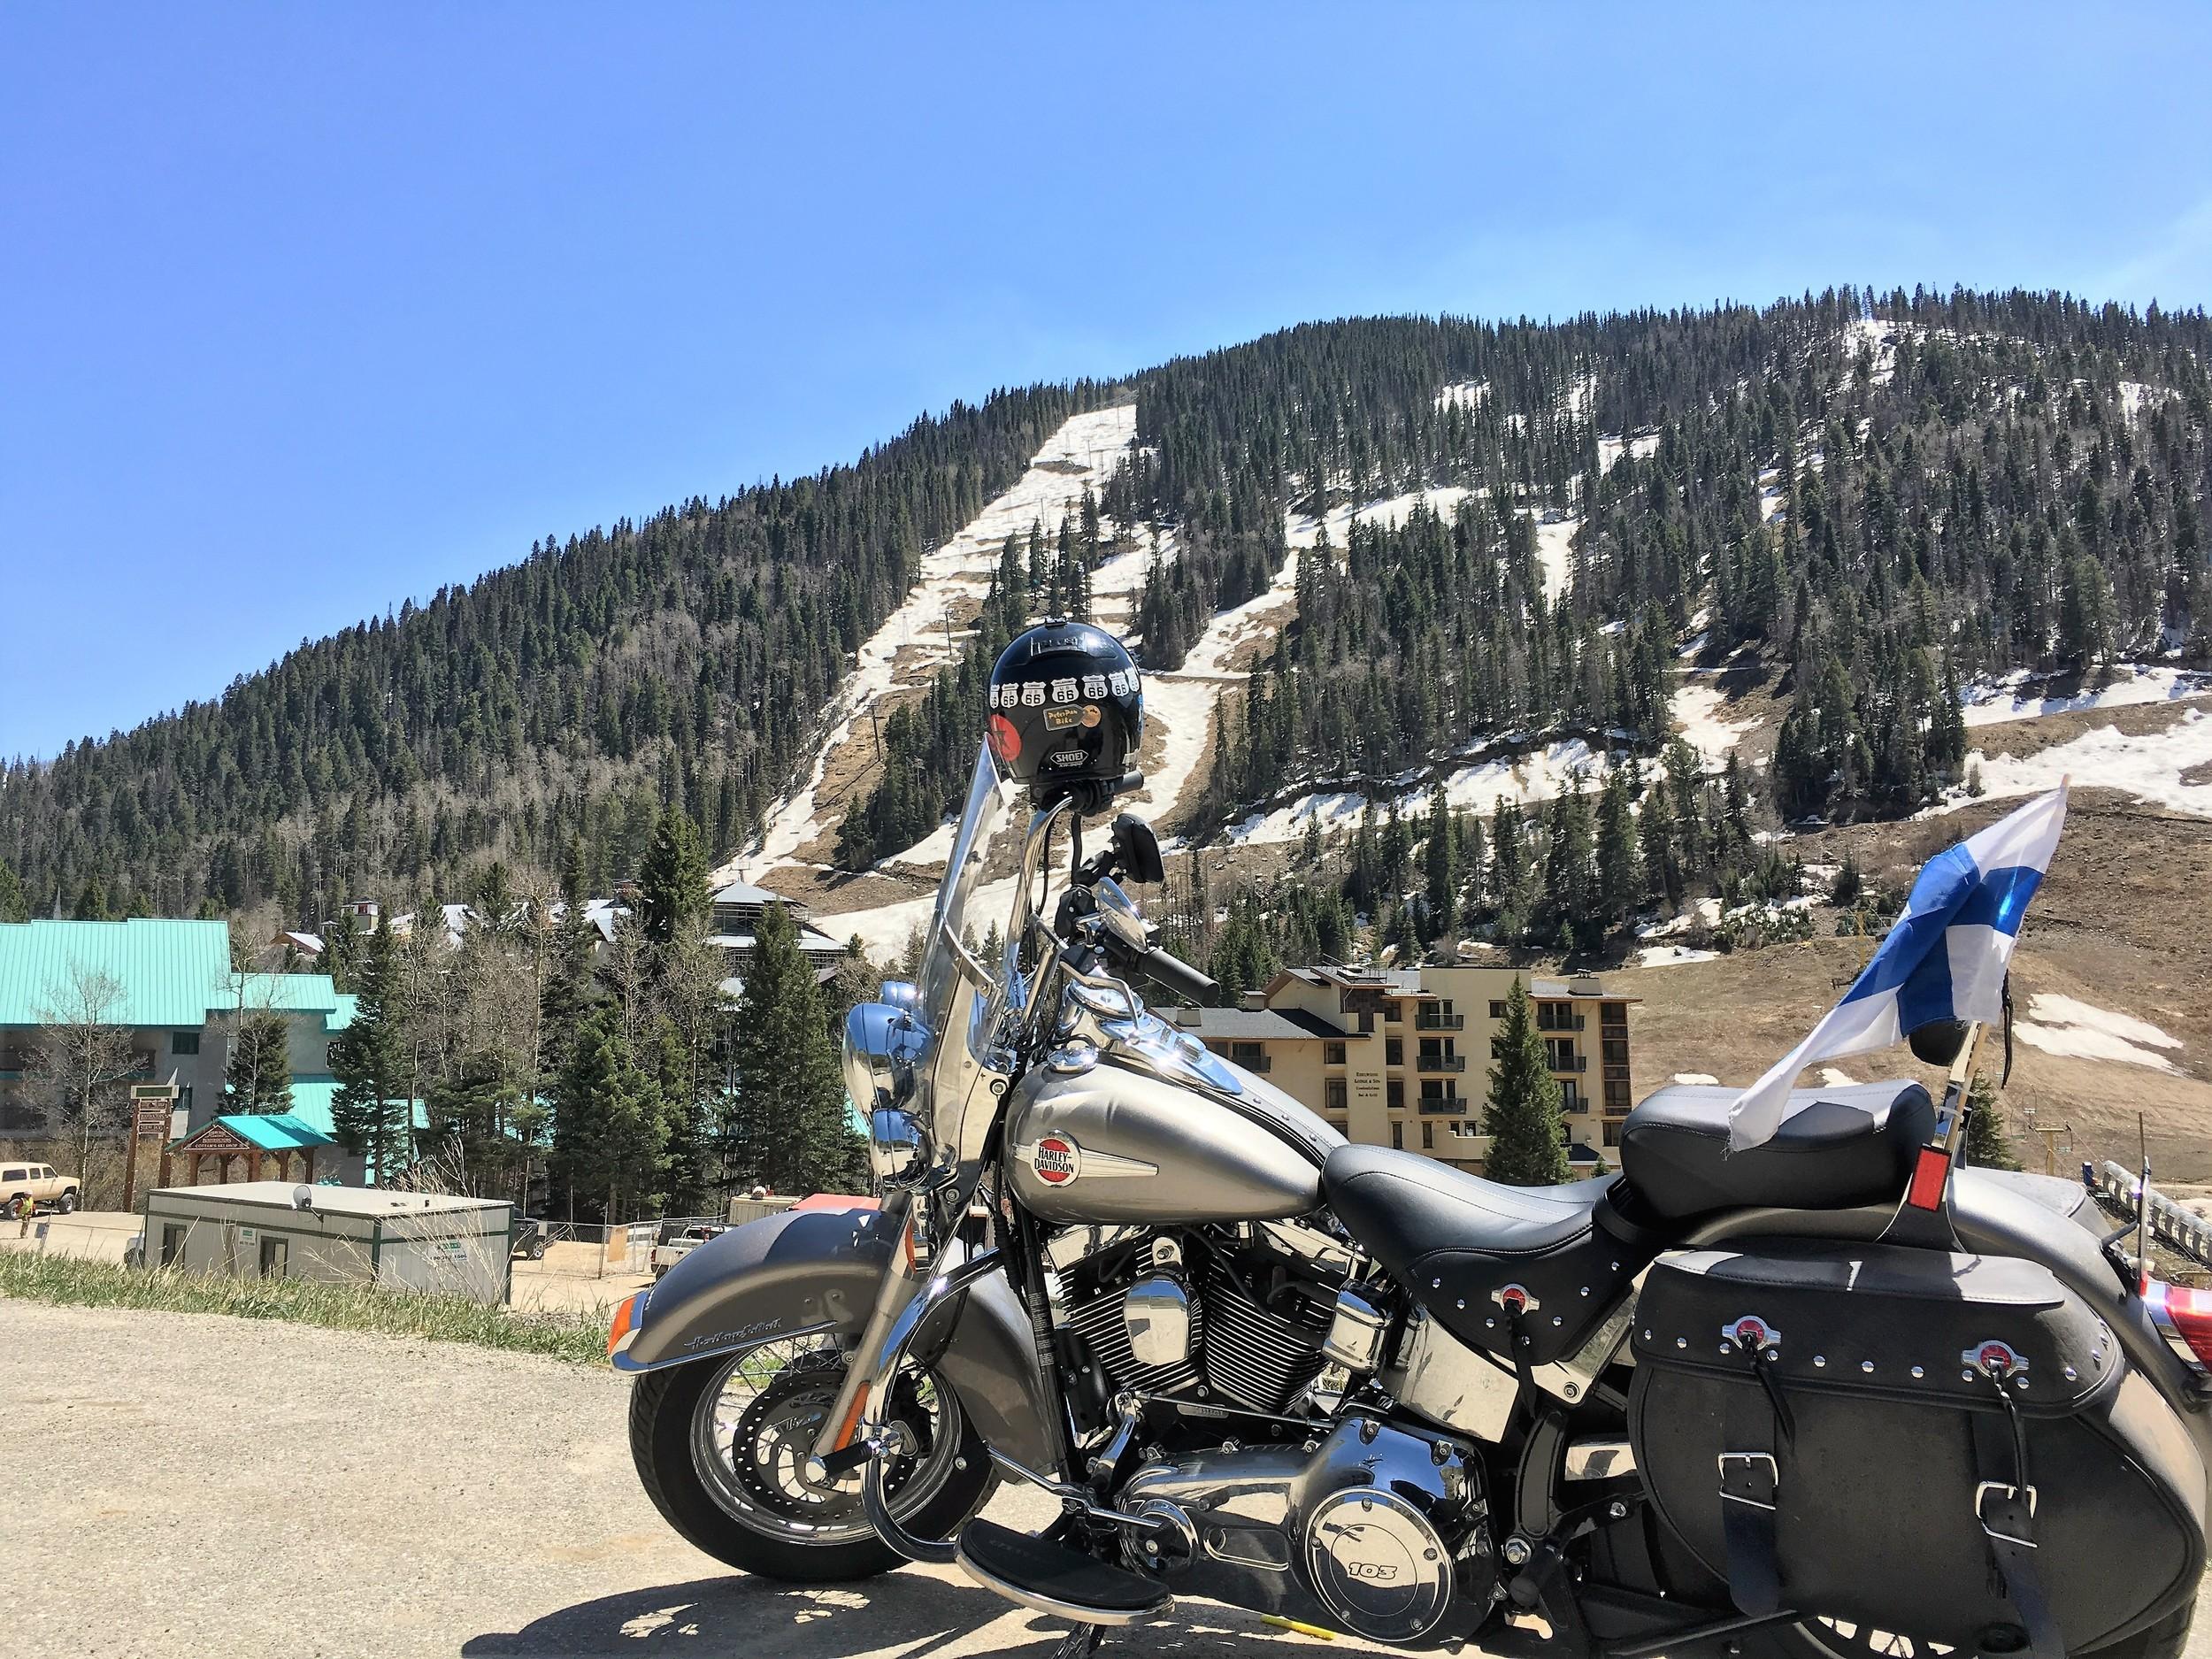 3500 metrissä oli vielä lunta! Samaan aikaan Santa Fe:ssa 2200 metrin korkeudessa +26C